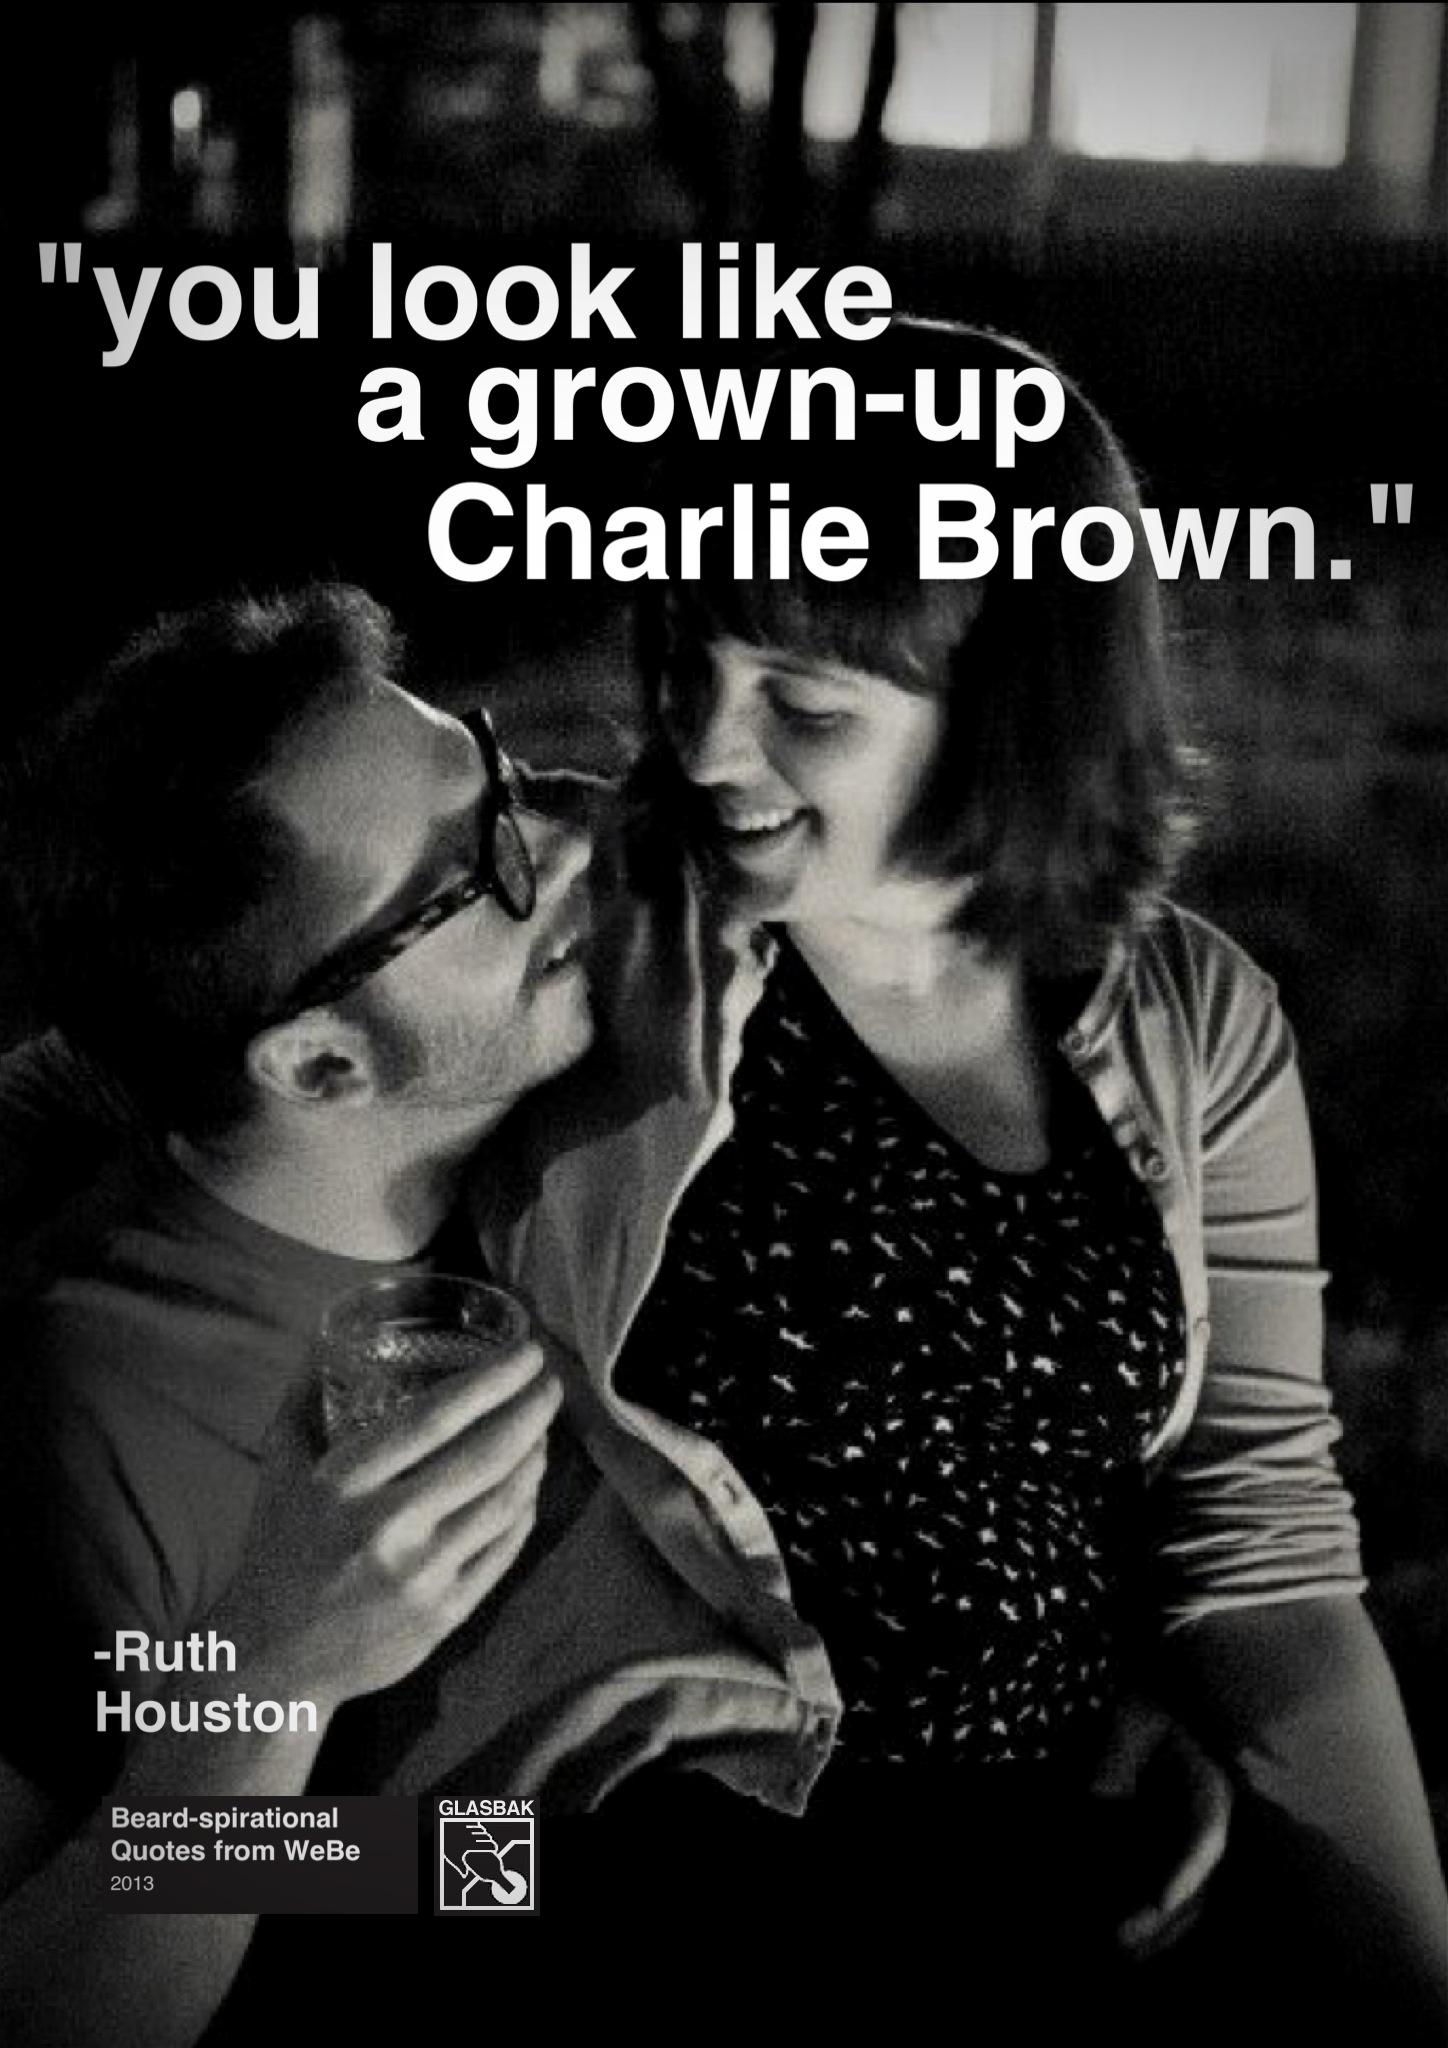 2013-08-12_you look like a grown-up Charlie Brown.jpg